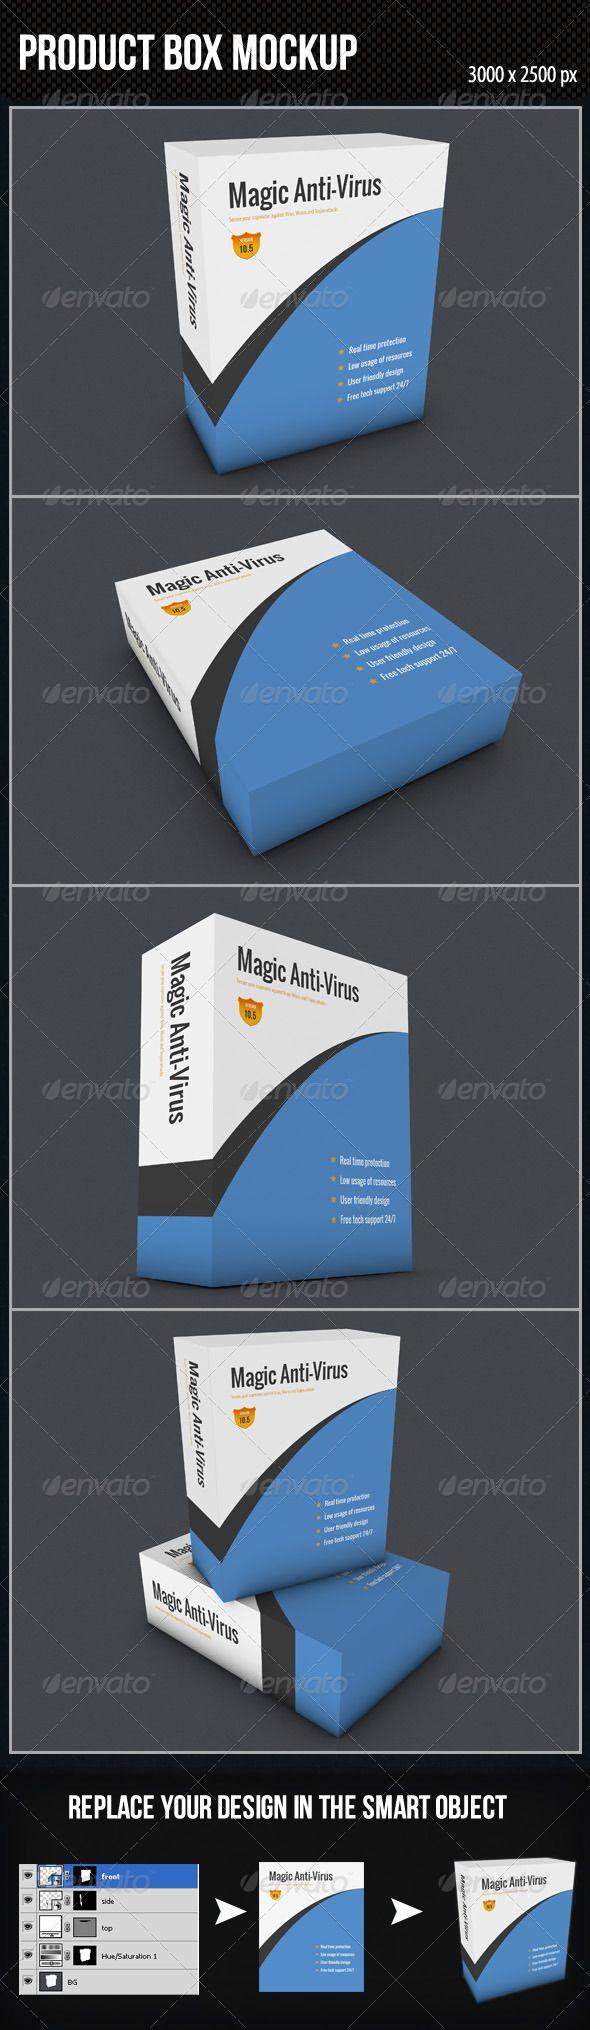 Download Product Box Mockup Box Mockup Mockup Packaging Mockup